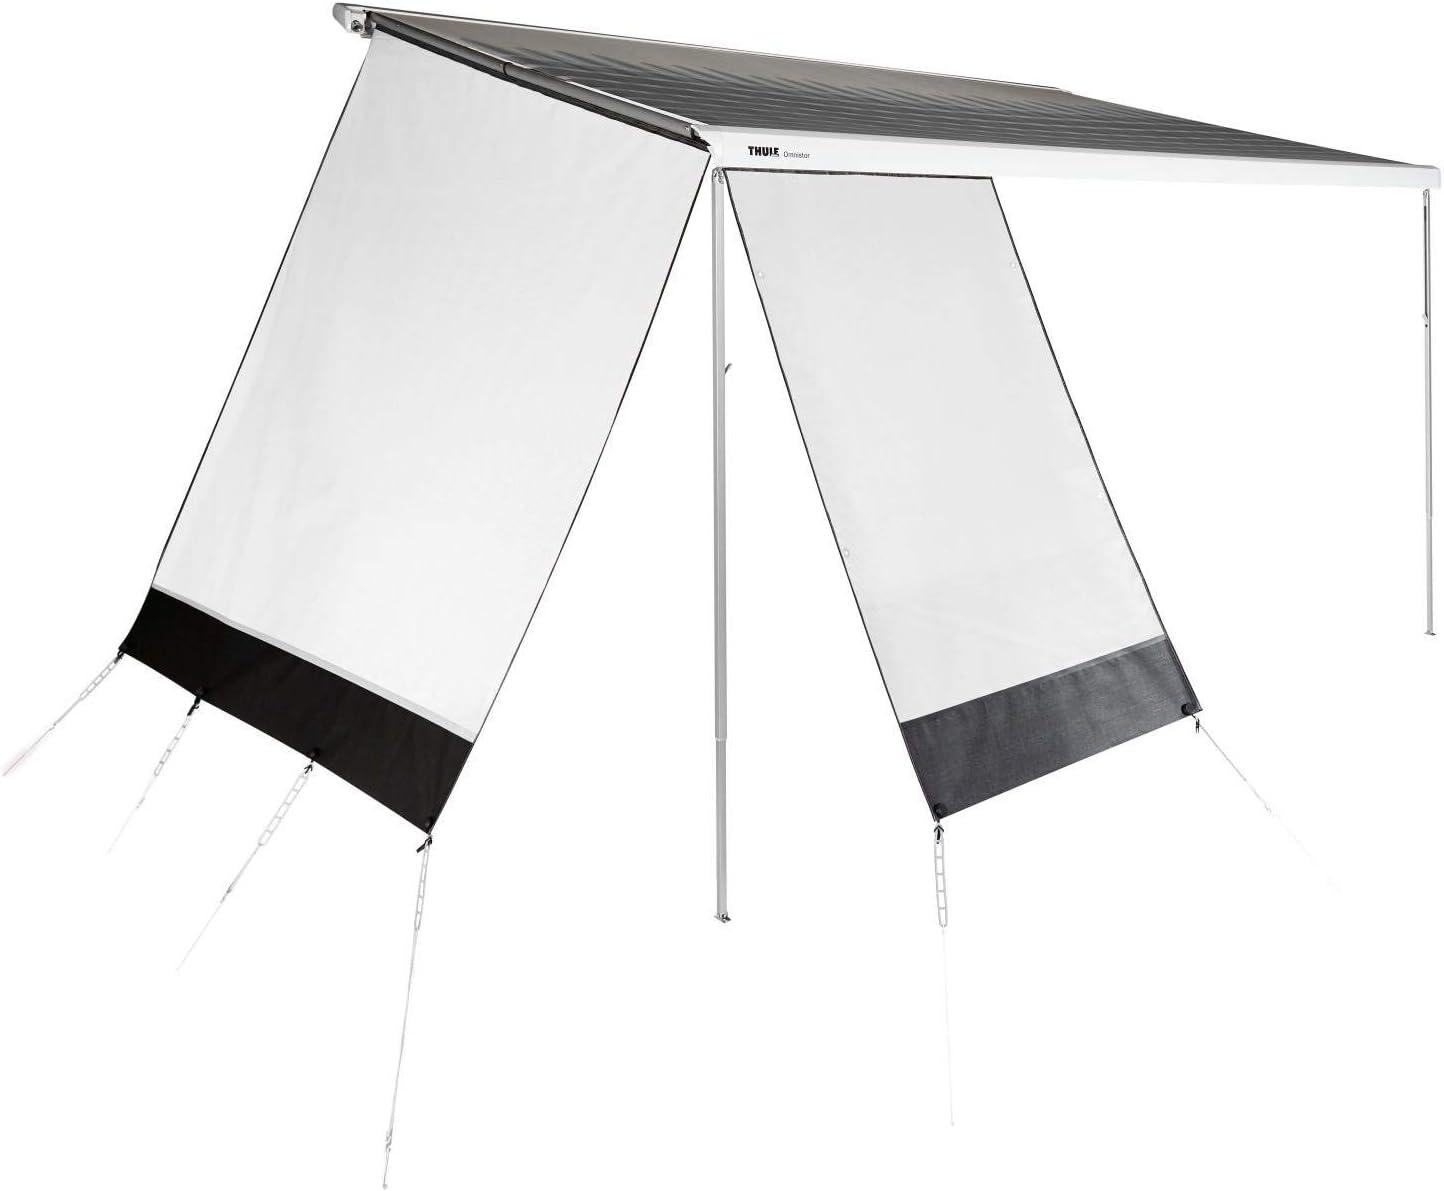 Thule Sun Blocker G2 Vorderwand Camping Markise Front Sichtschutz Windschutz Wohnwagen Sonnenschutz